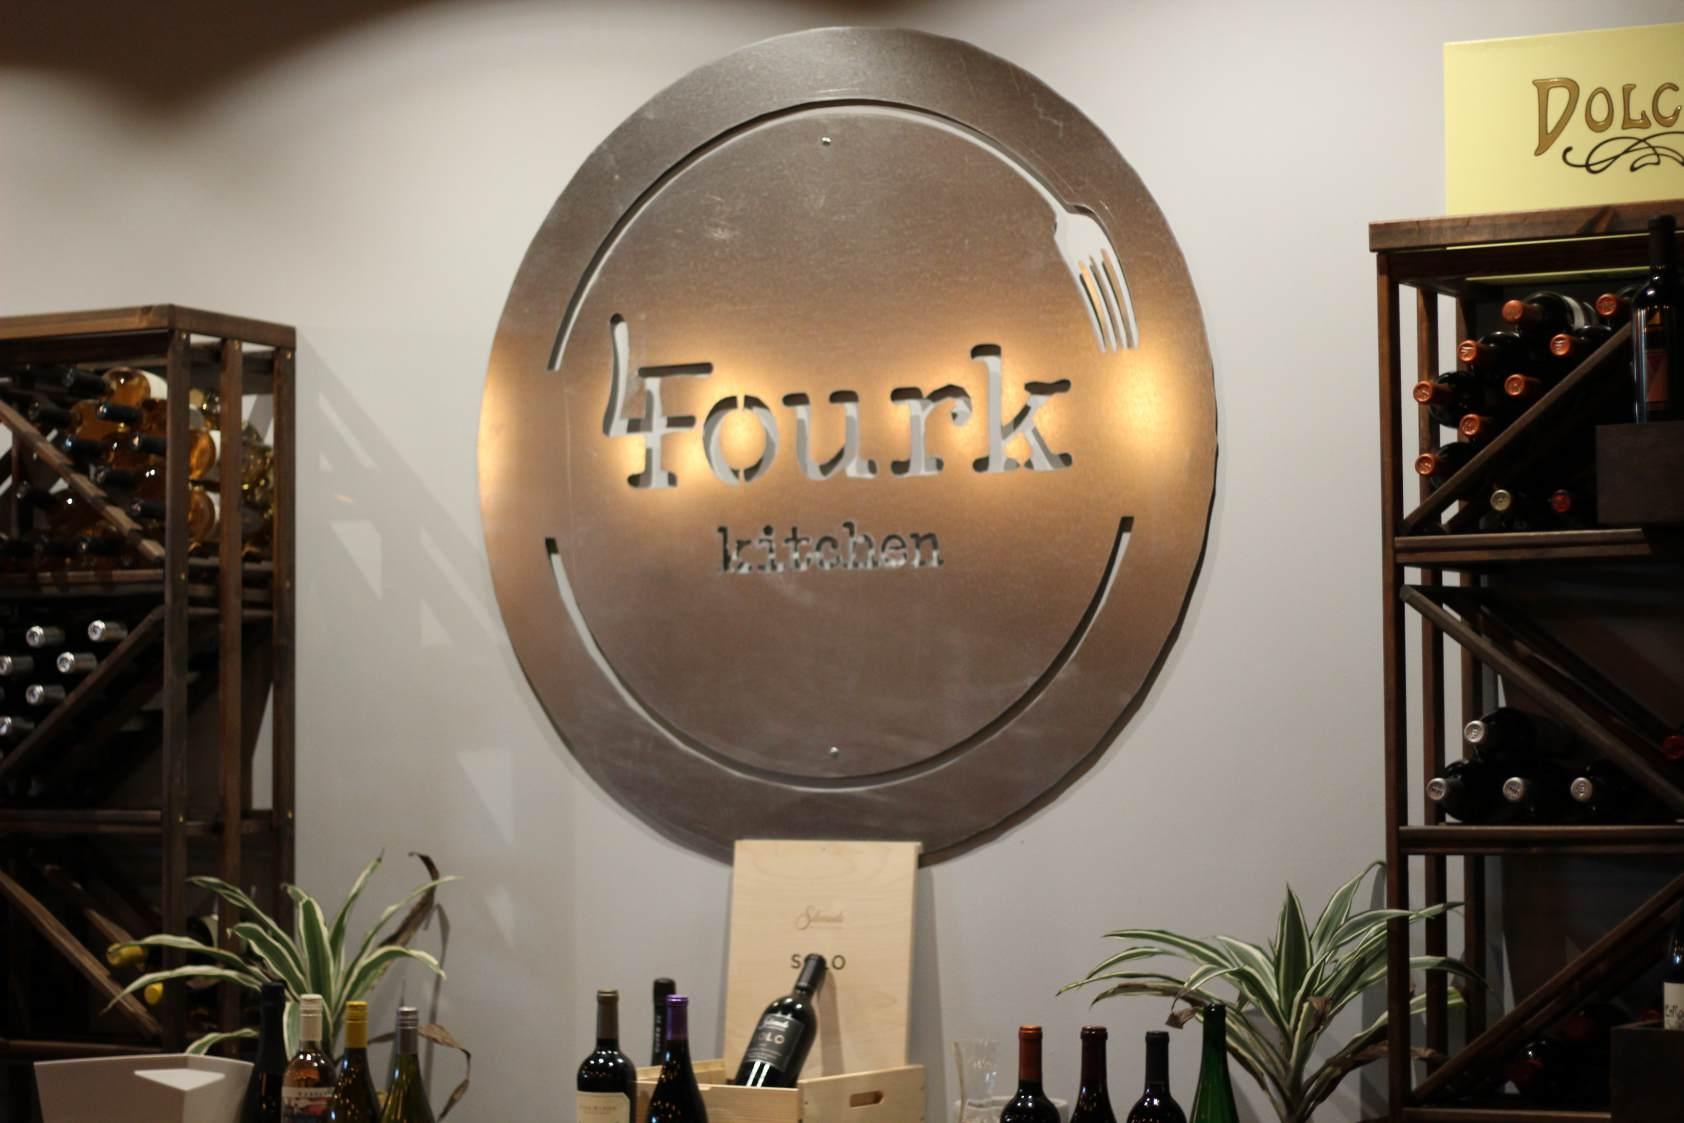 Fourk Kitchen